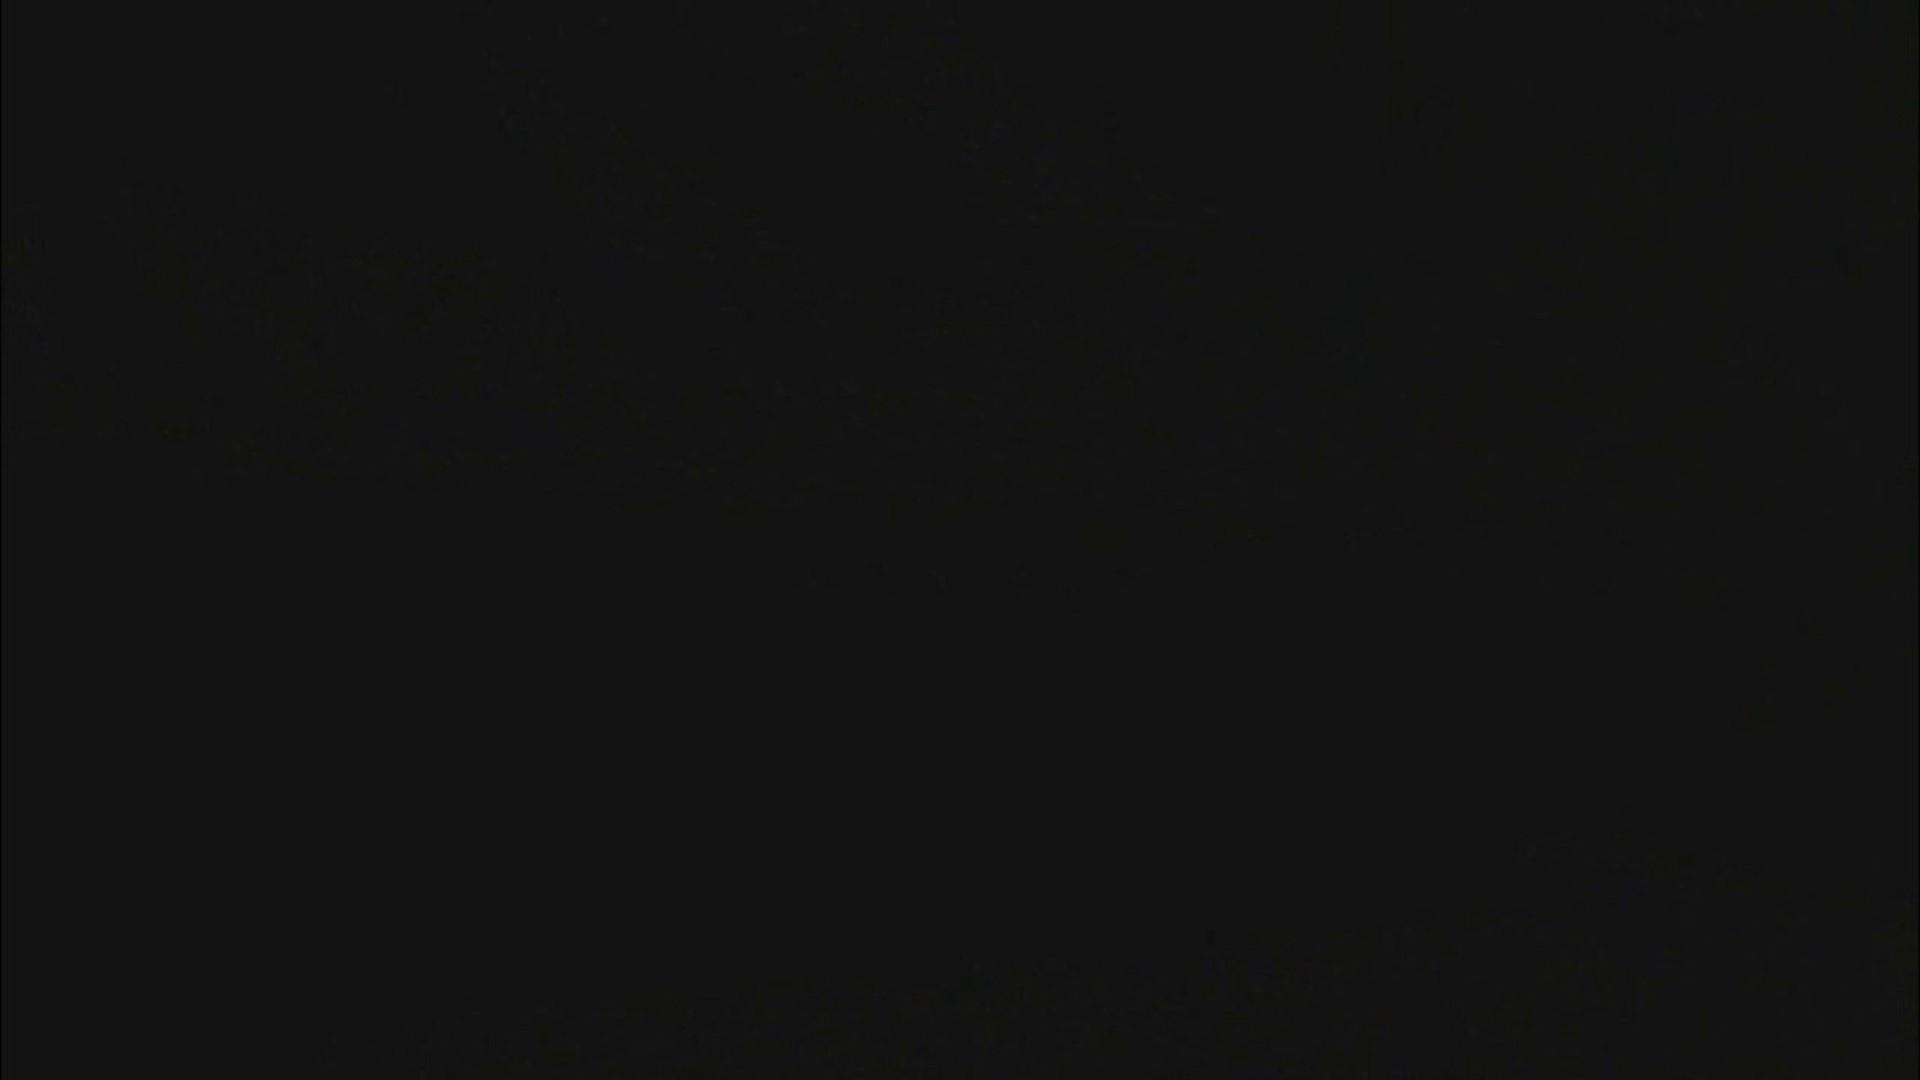 魔術師の お・も・て・な・し vol.01 20歳販売系 ワルノリ  61画像 42